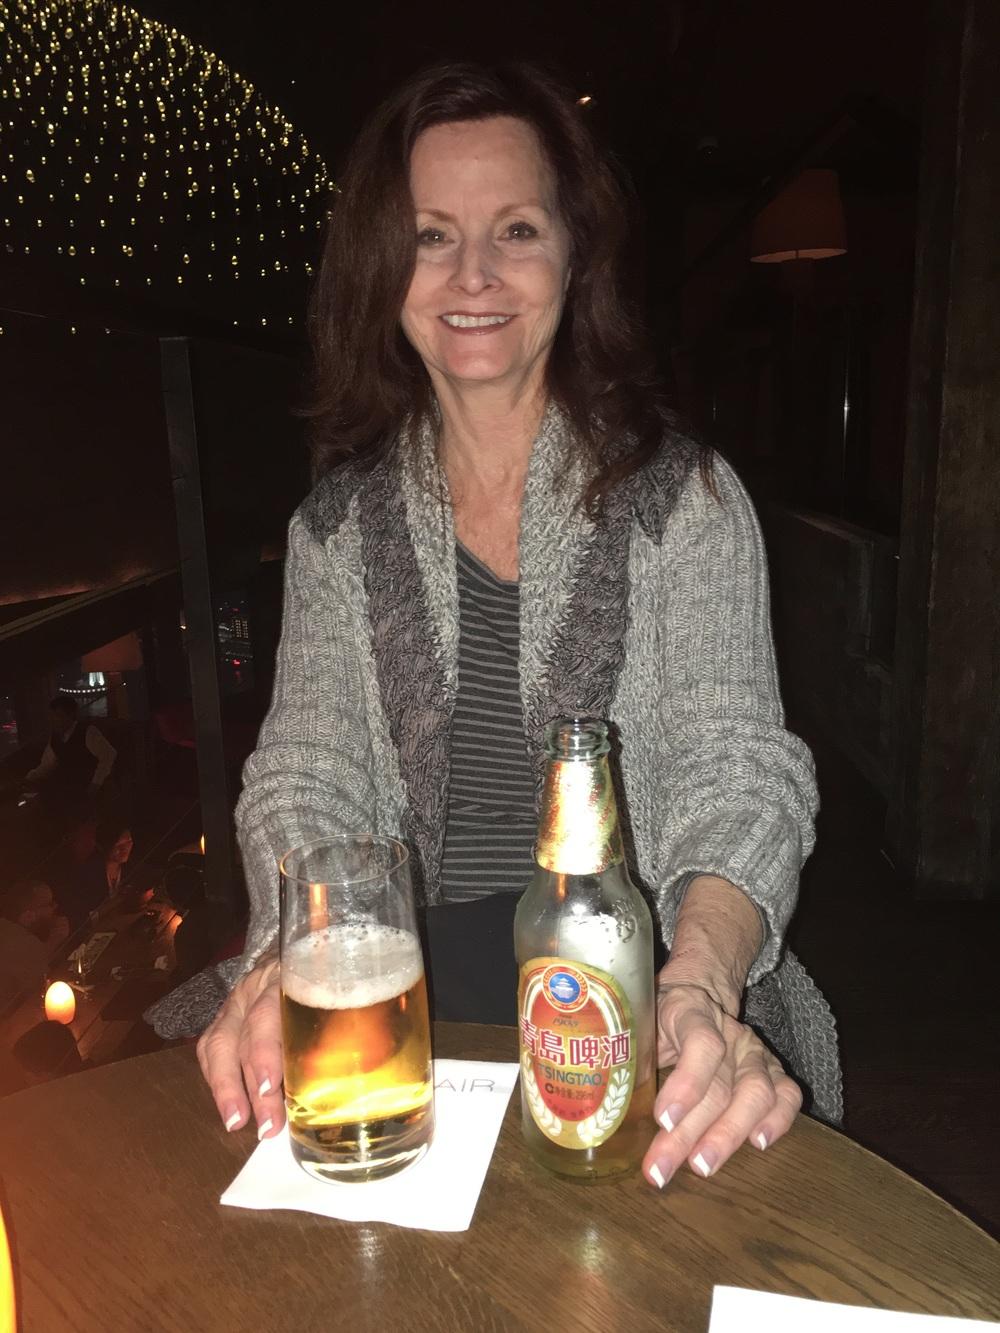 Pat enjoying her China beer